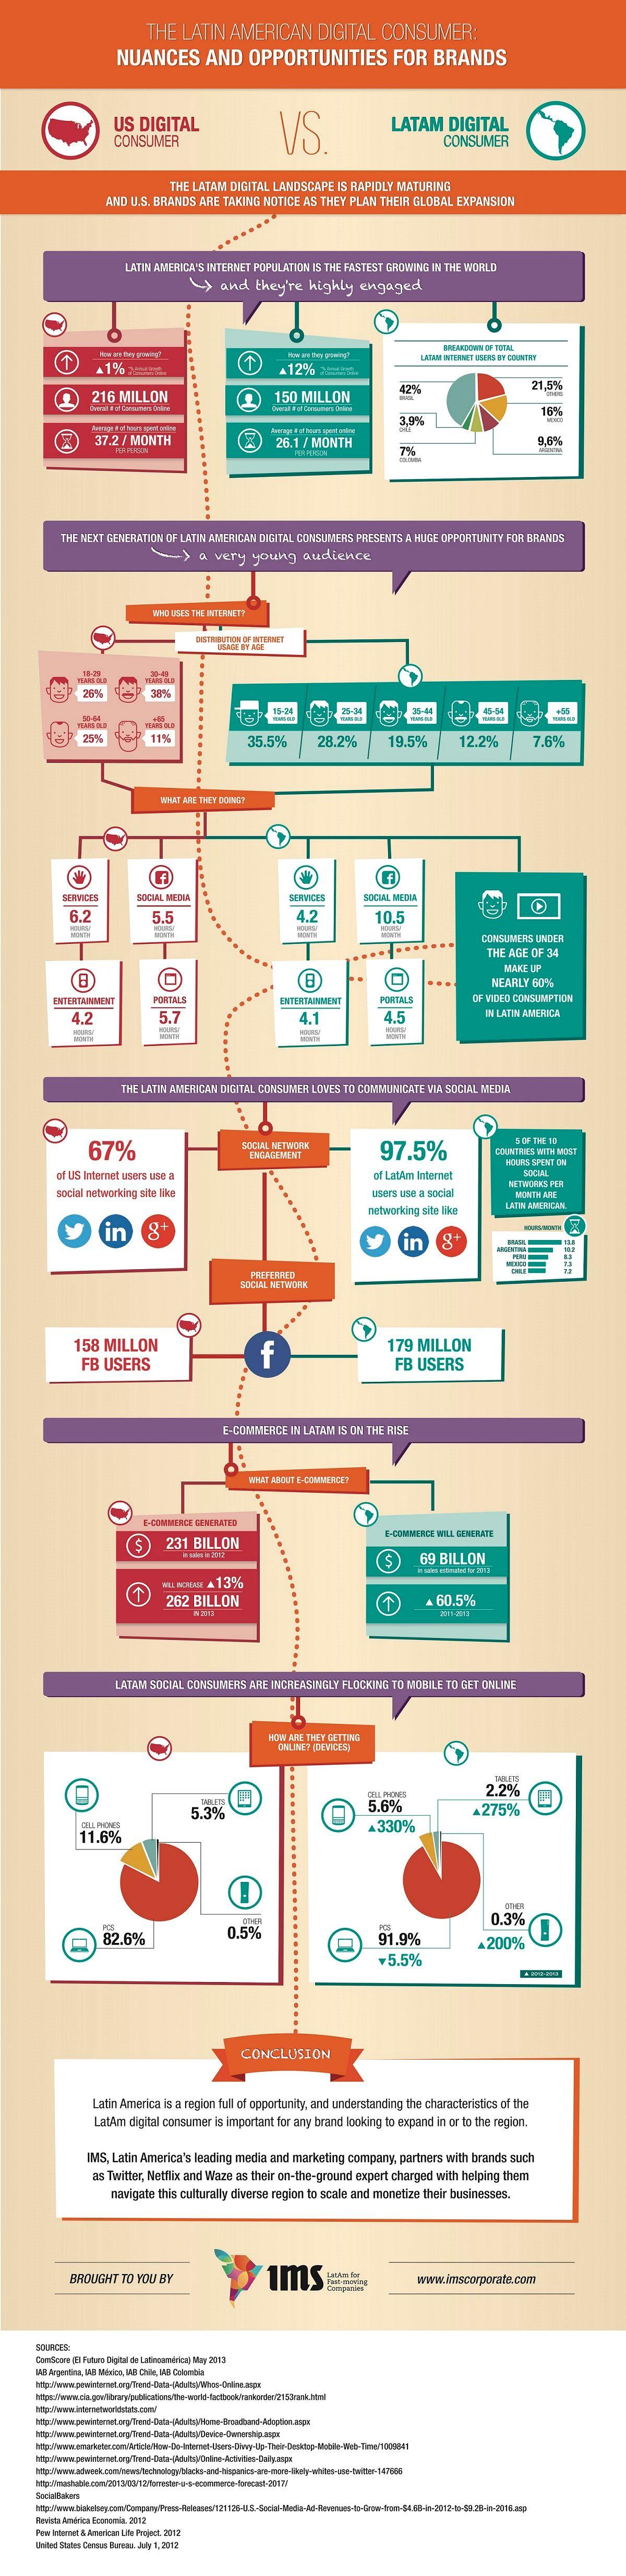 El Consumidor Digital Latinoamericano #Infografia